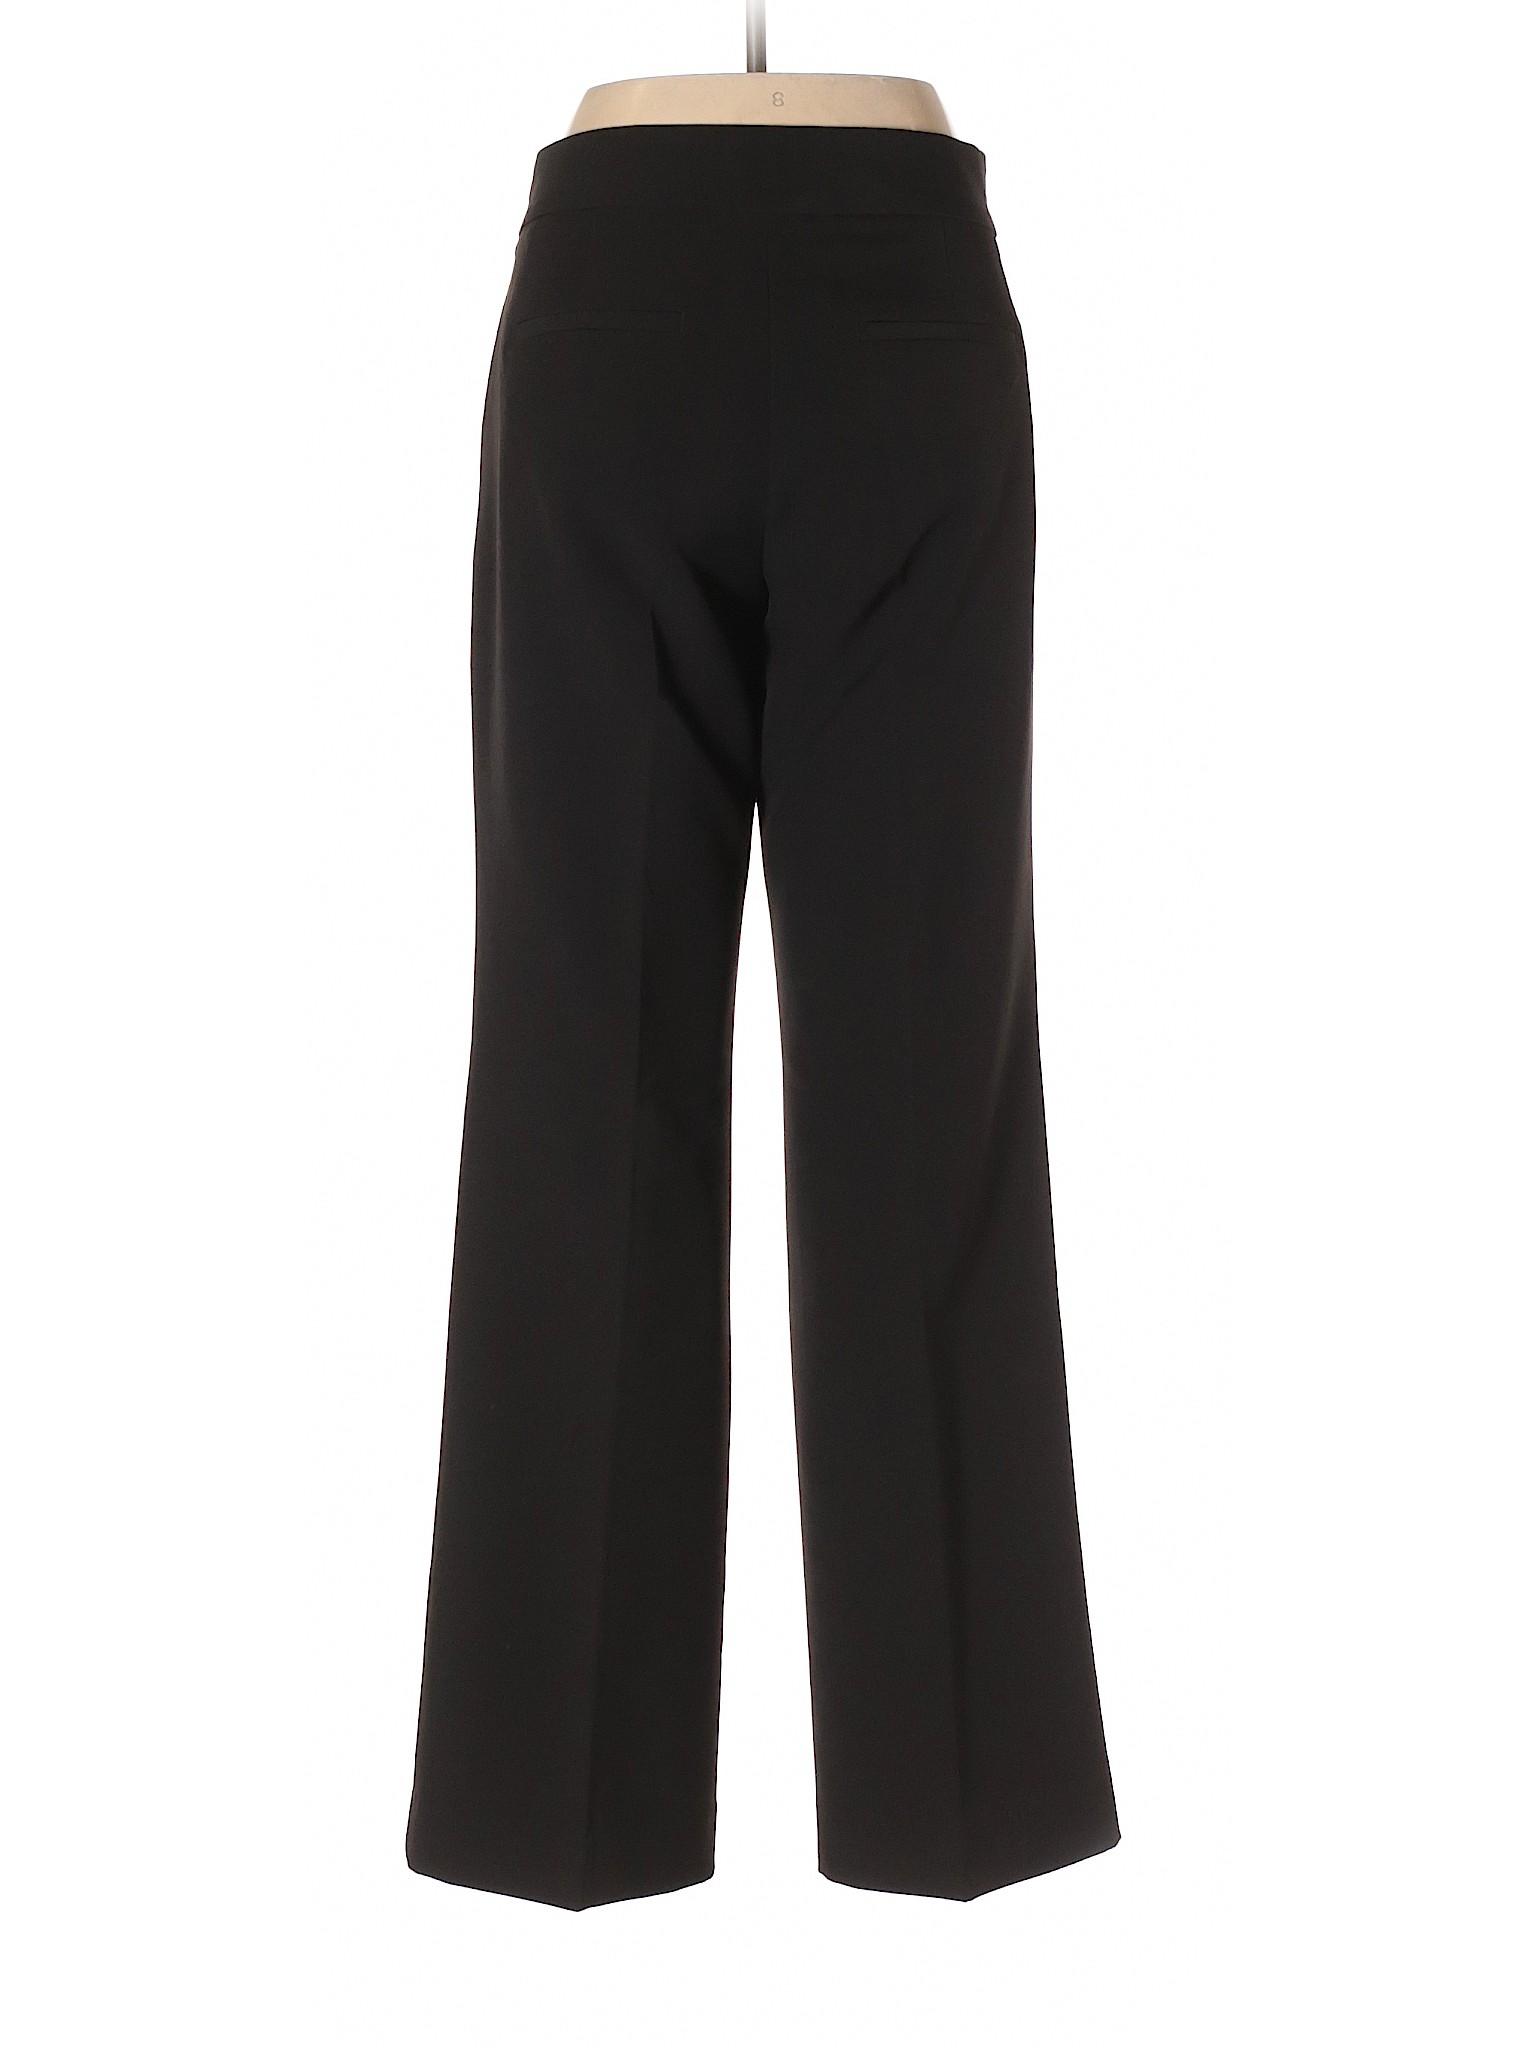 Factory Pants Dress Republic Boutique winter Store Banana YPqWxptTnz